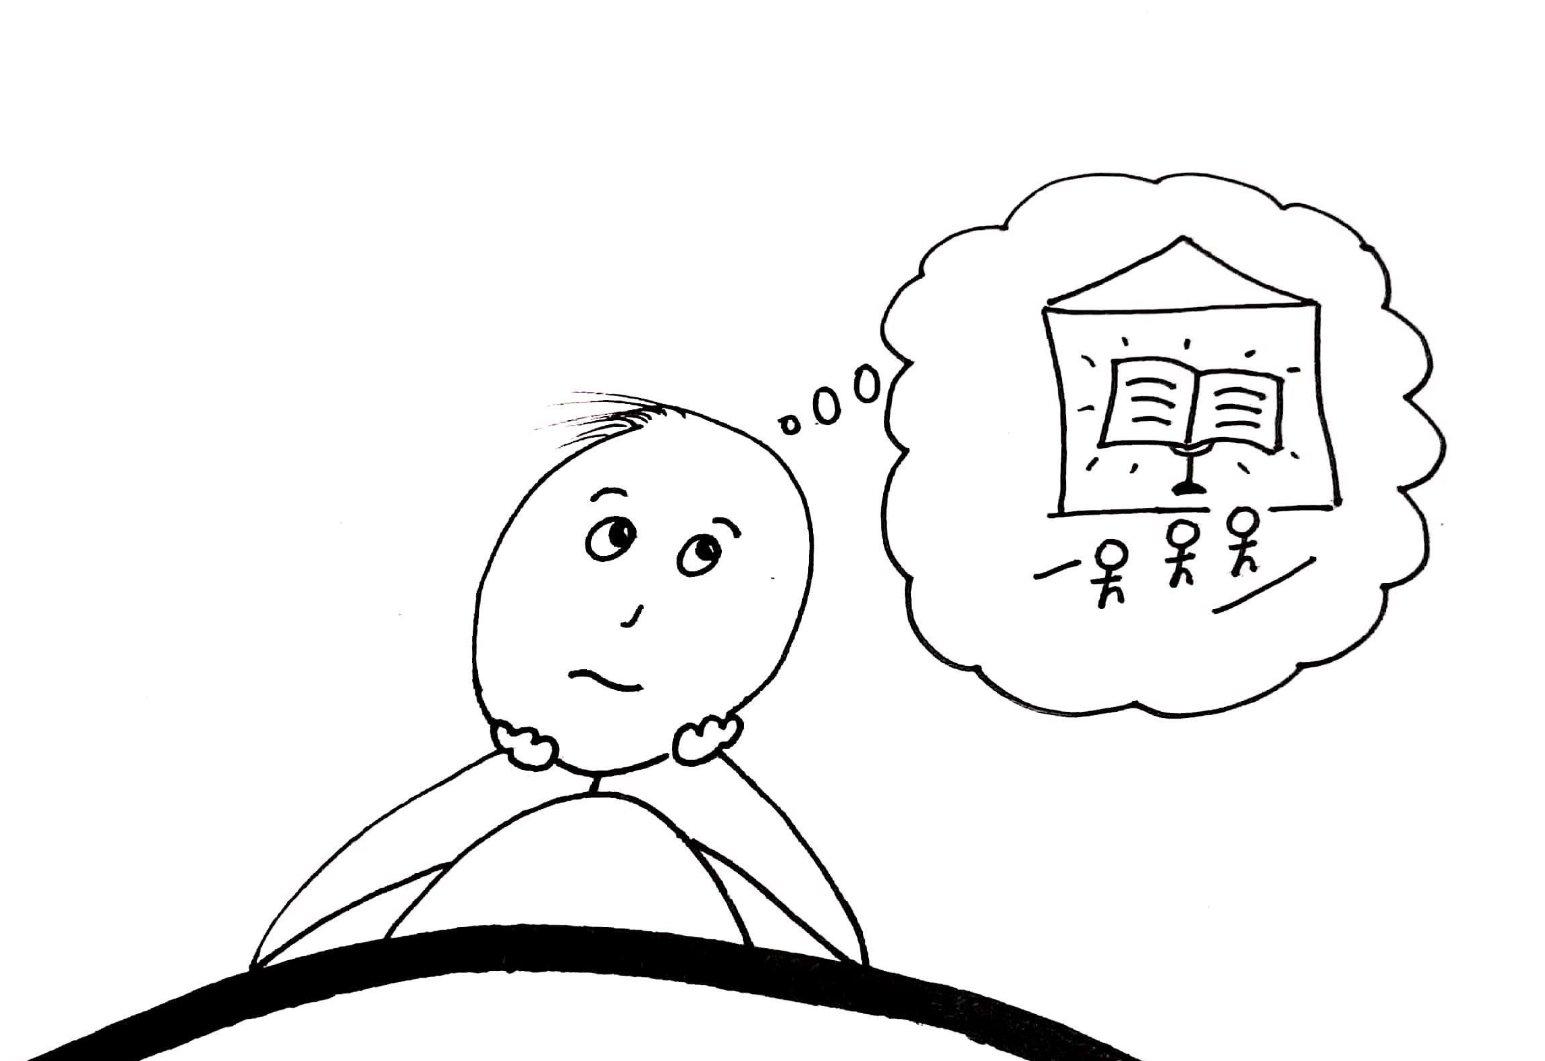 Dibujo de hombre meditando sobre su deseo de ir al templo.